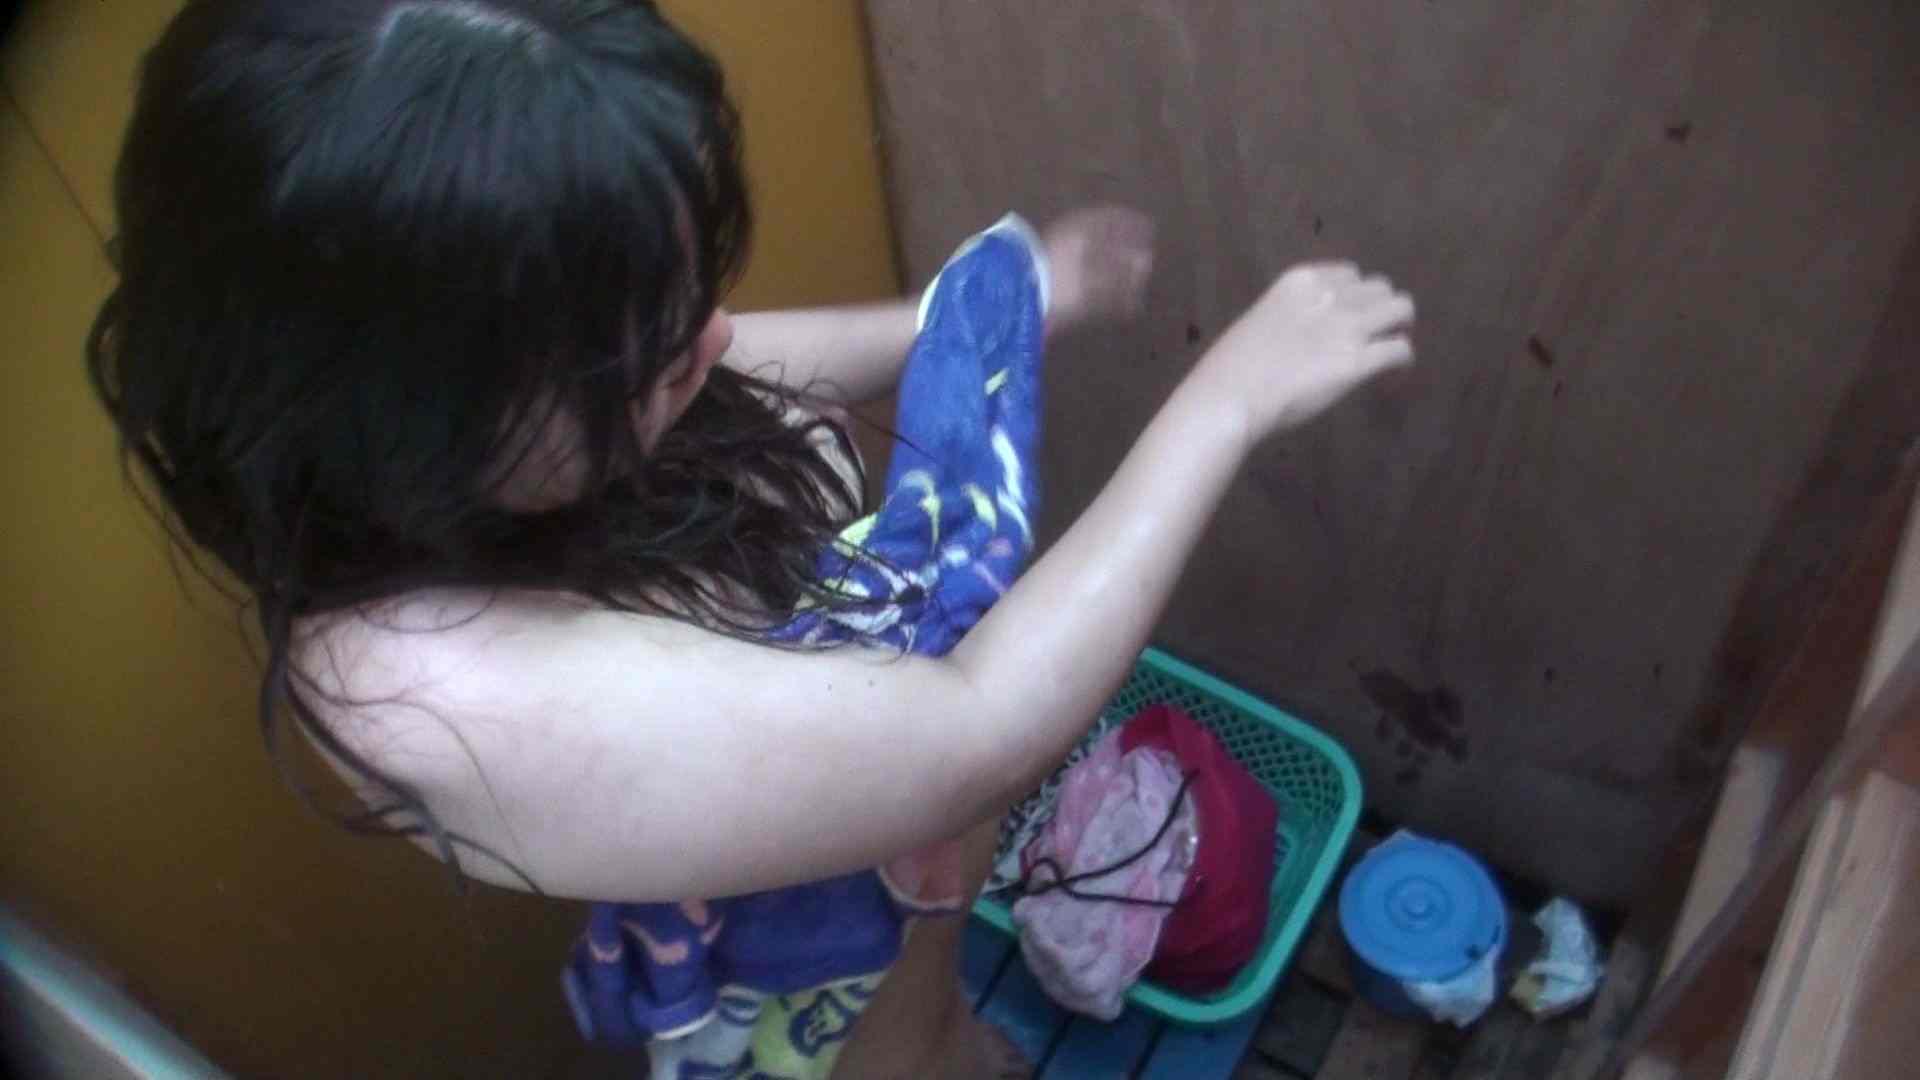 シャワールームは超!!危険な香りVol.13 ムッチムチのいやらしい身体つき シャワー  111pic 64